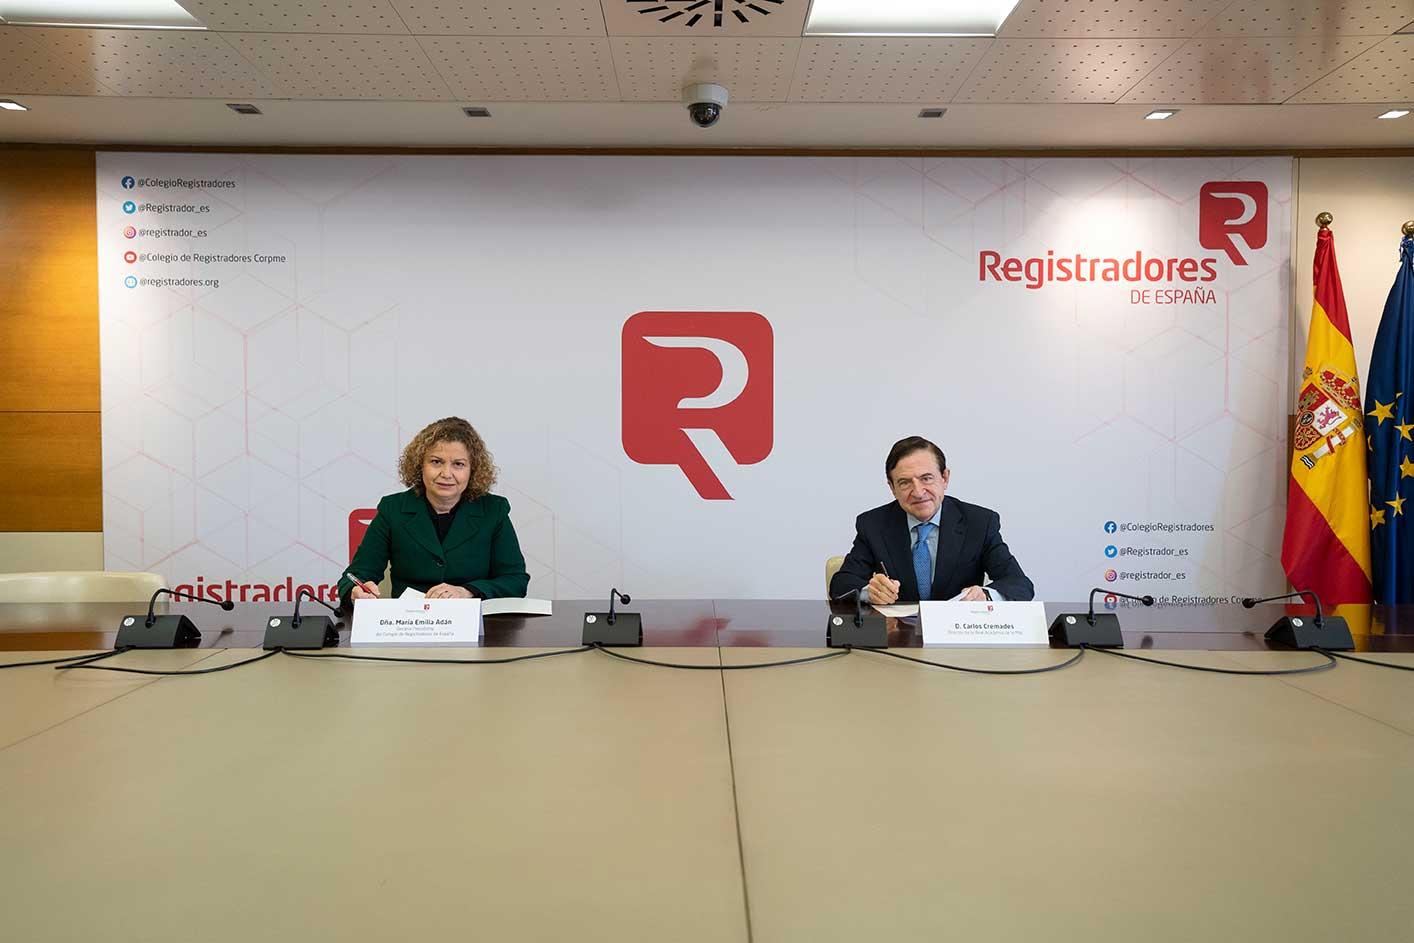 acuerdo de colaboracion entre colegio de registradores y real academia de la mar 03